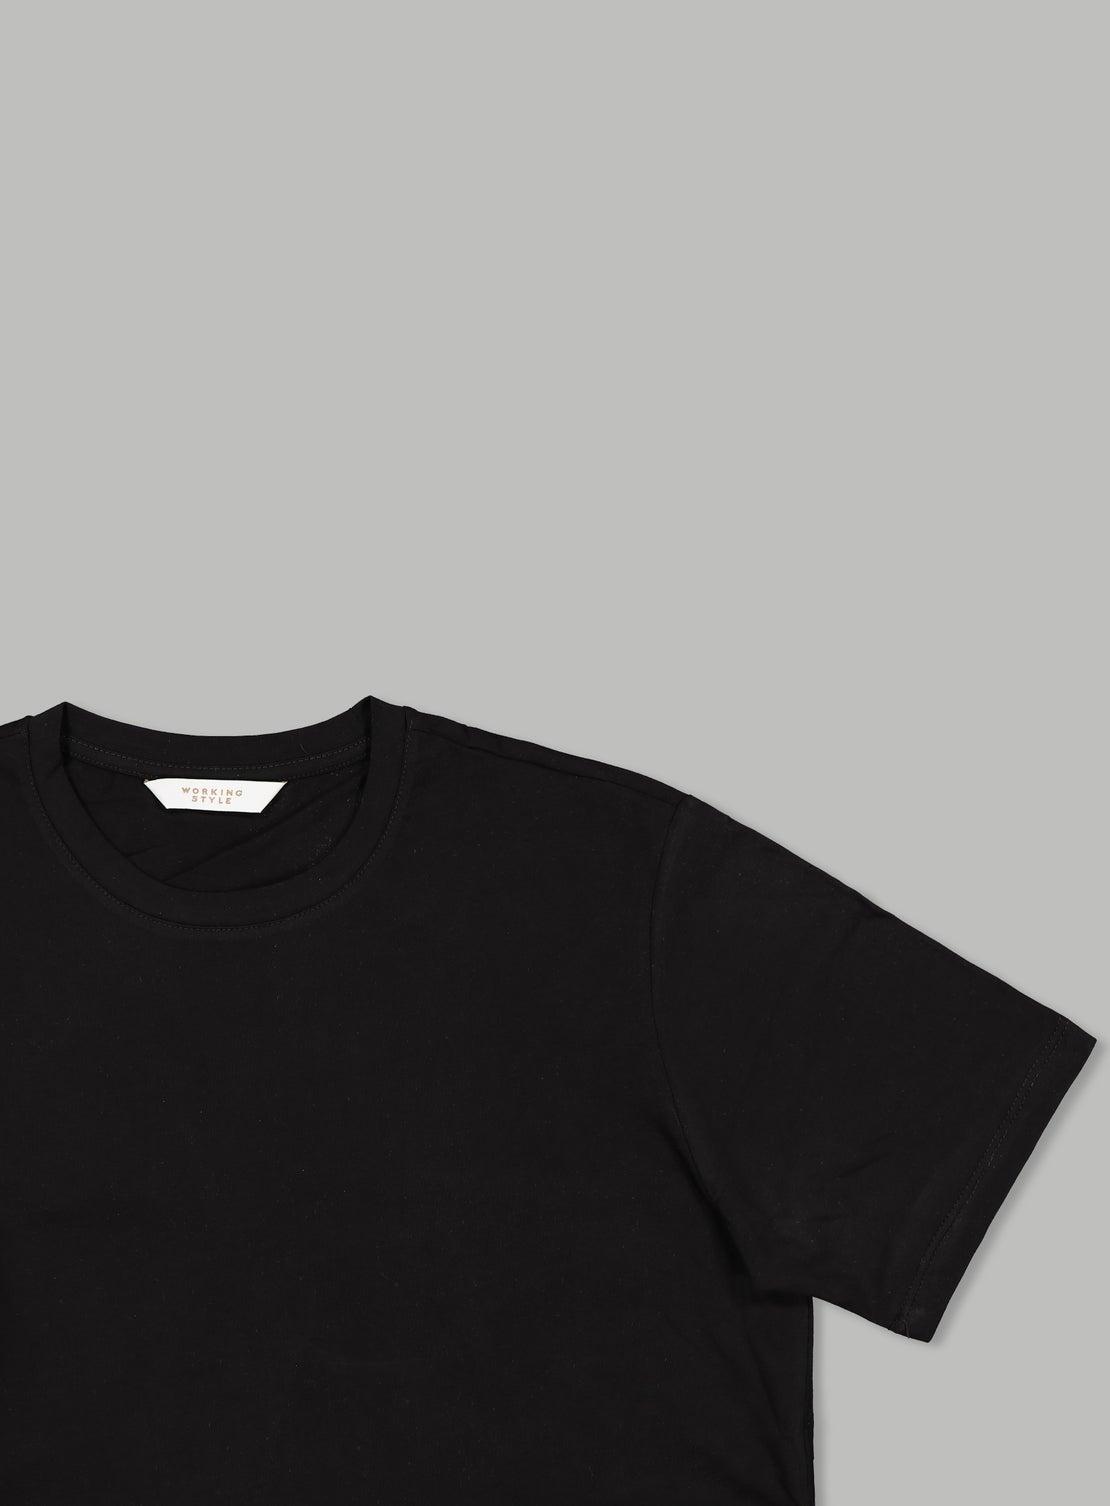 Benny Black T-Shirt